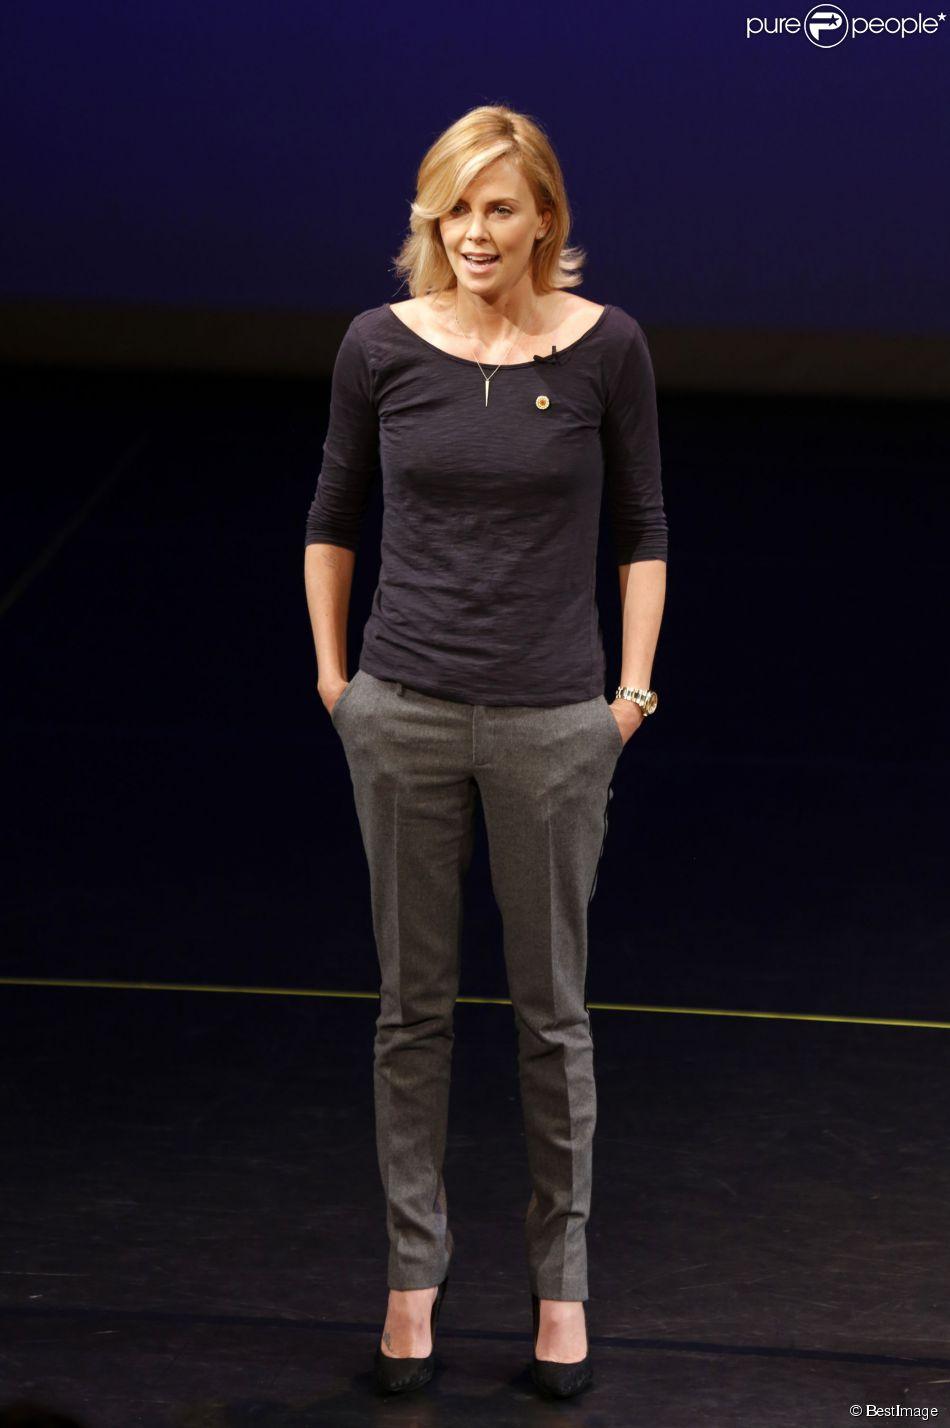 Charlize Theron présente un rapport de l'ONU lors d'une conférence afin de renforcer les efforts contre l'épidémie du Sida, à Los Angeles, le 18 novembre 2014.